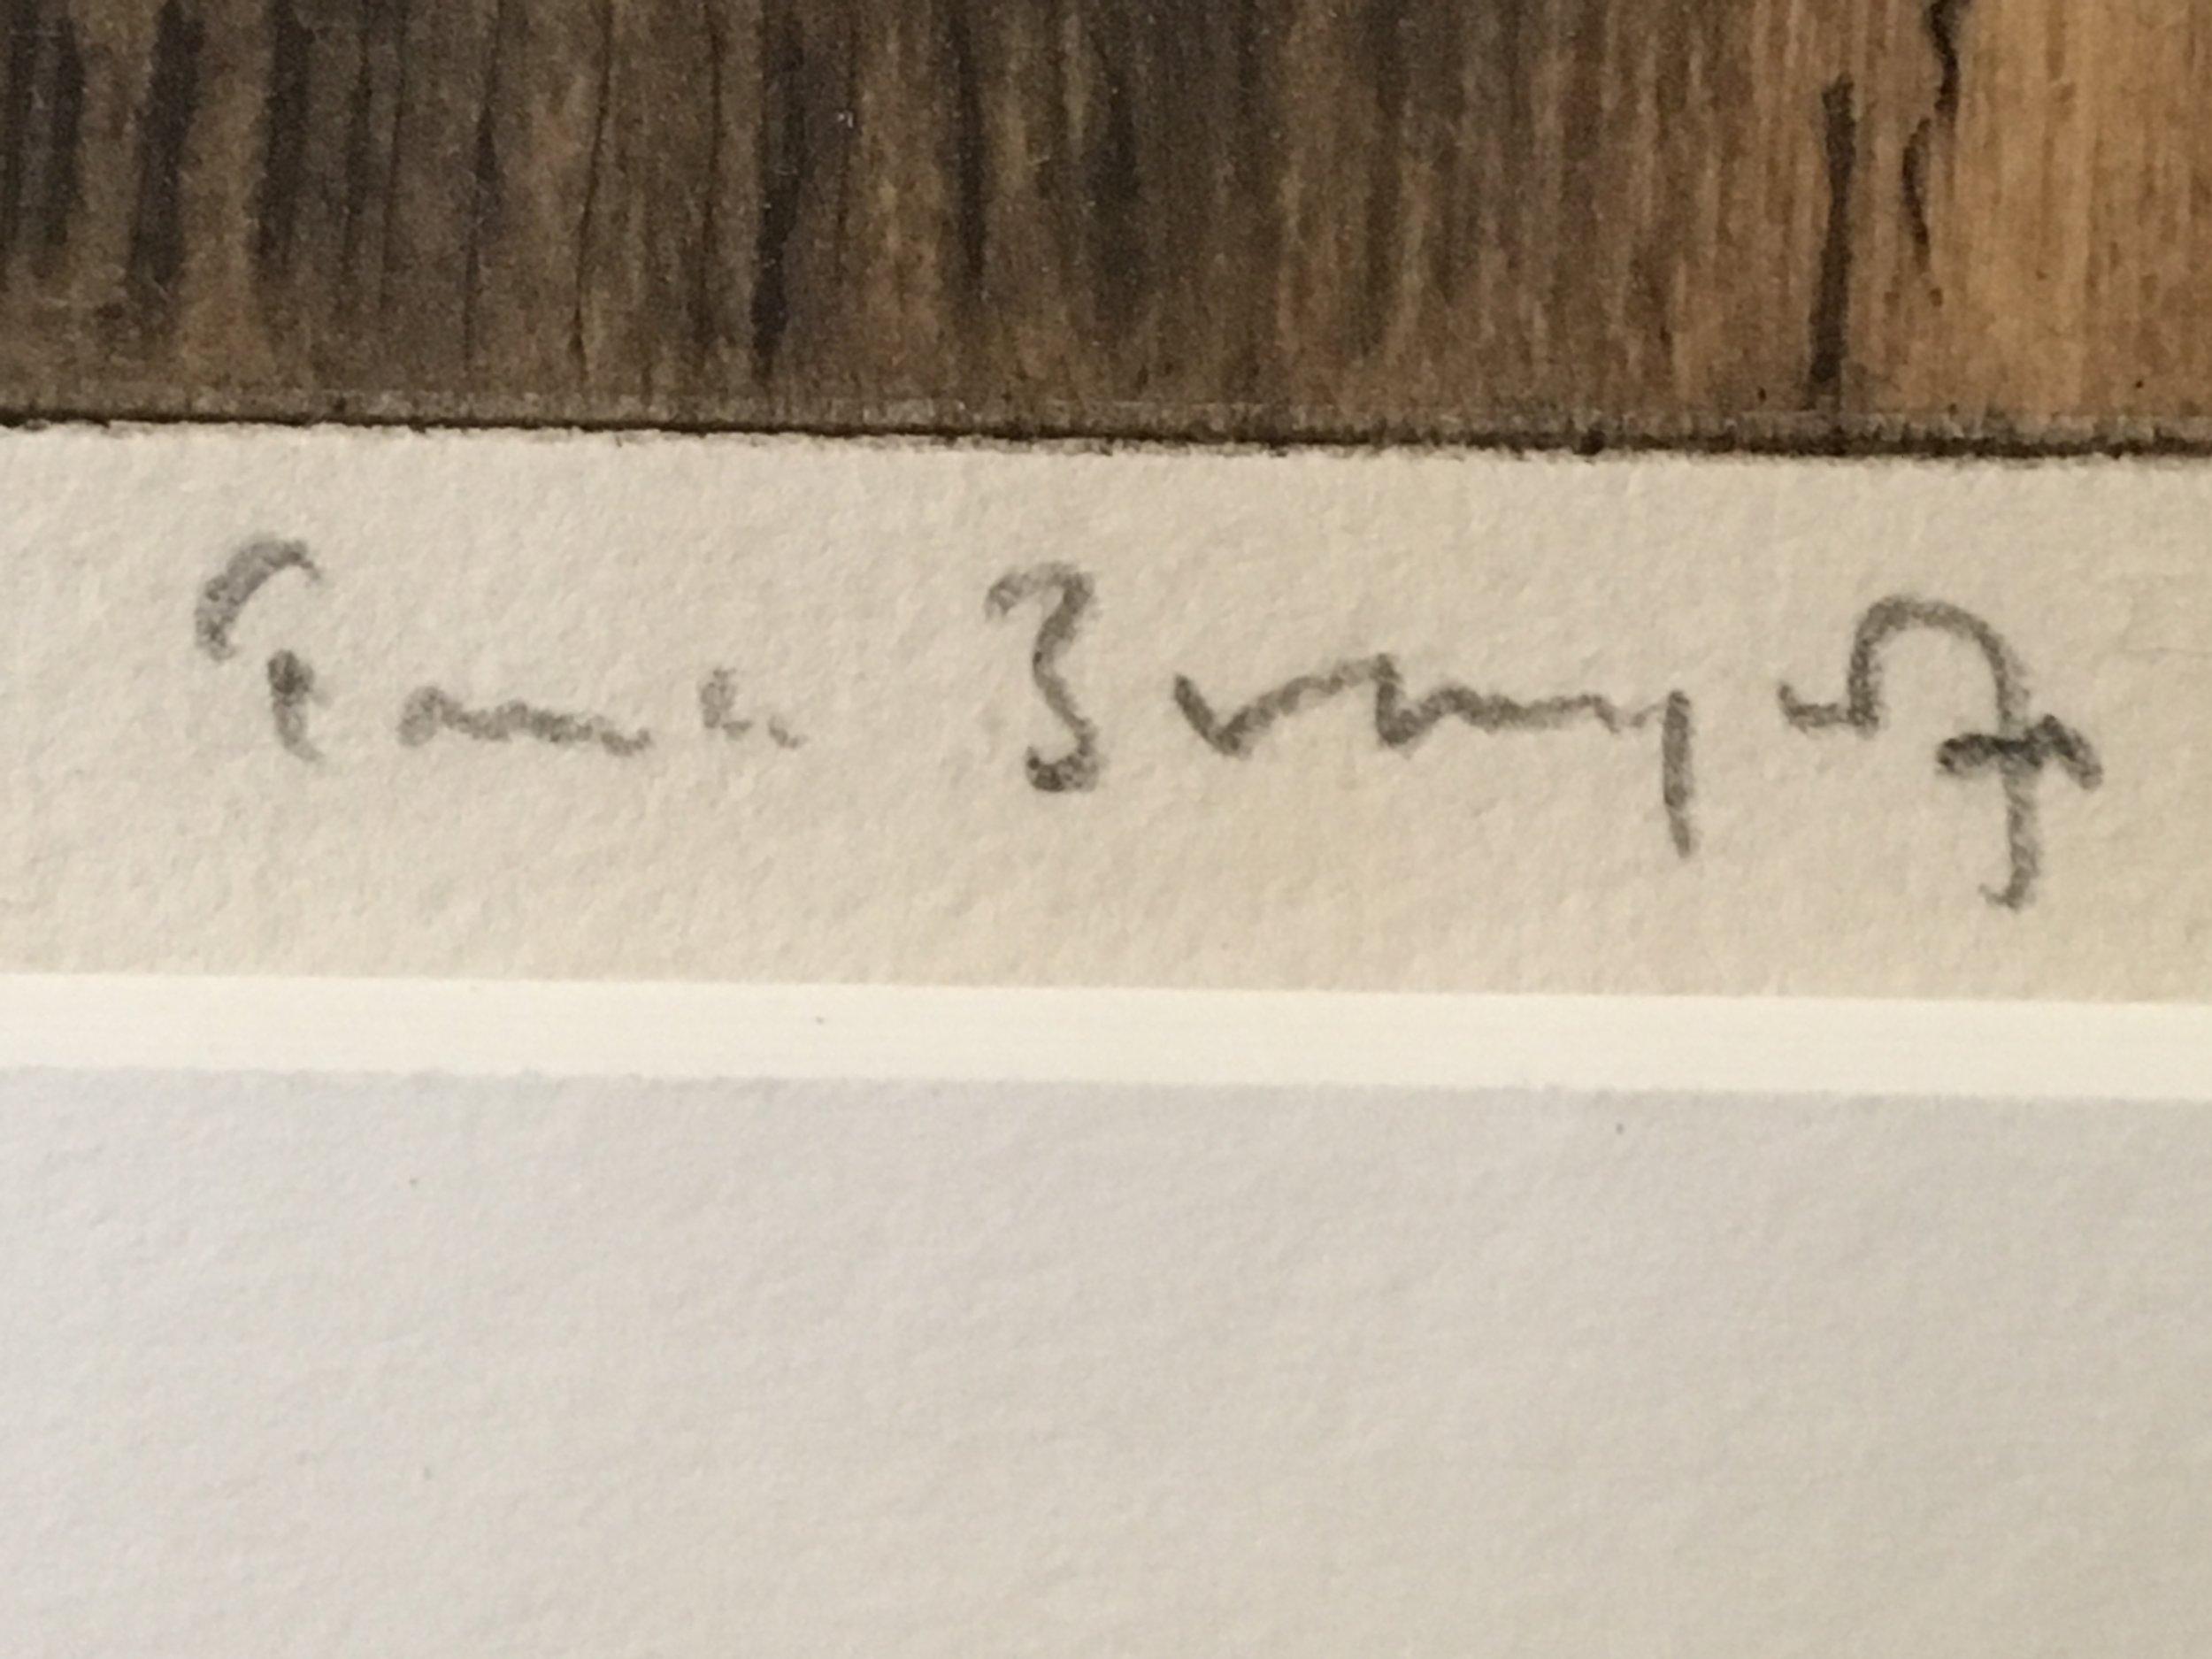 Brangwyn Signature